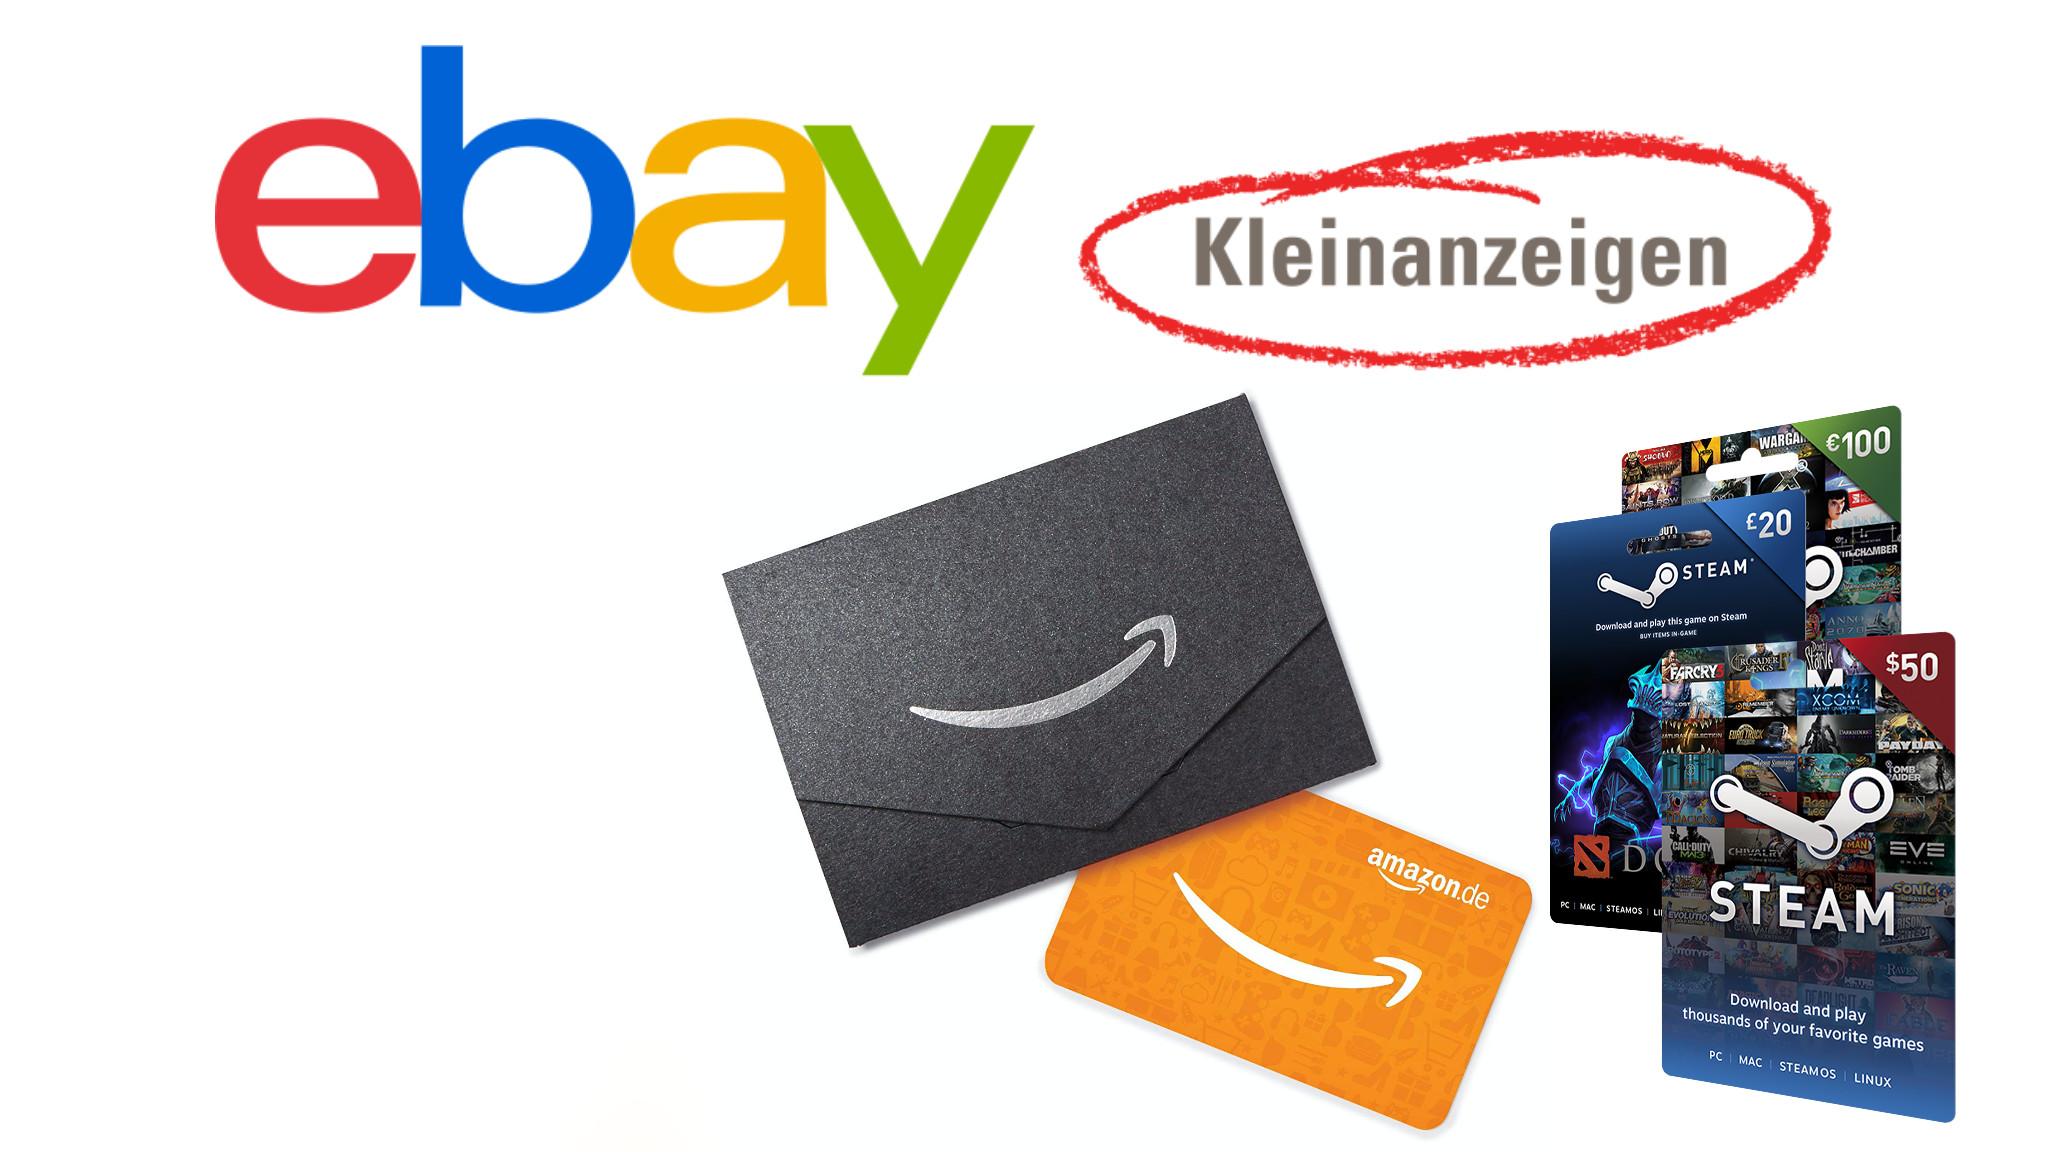 Ebay Kleinanzeigen Betrug Mittels Gutscheinkarten Computer Bild